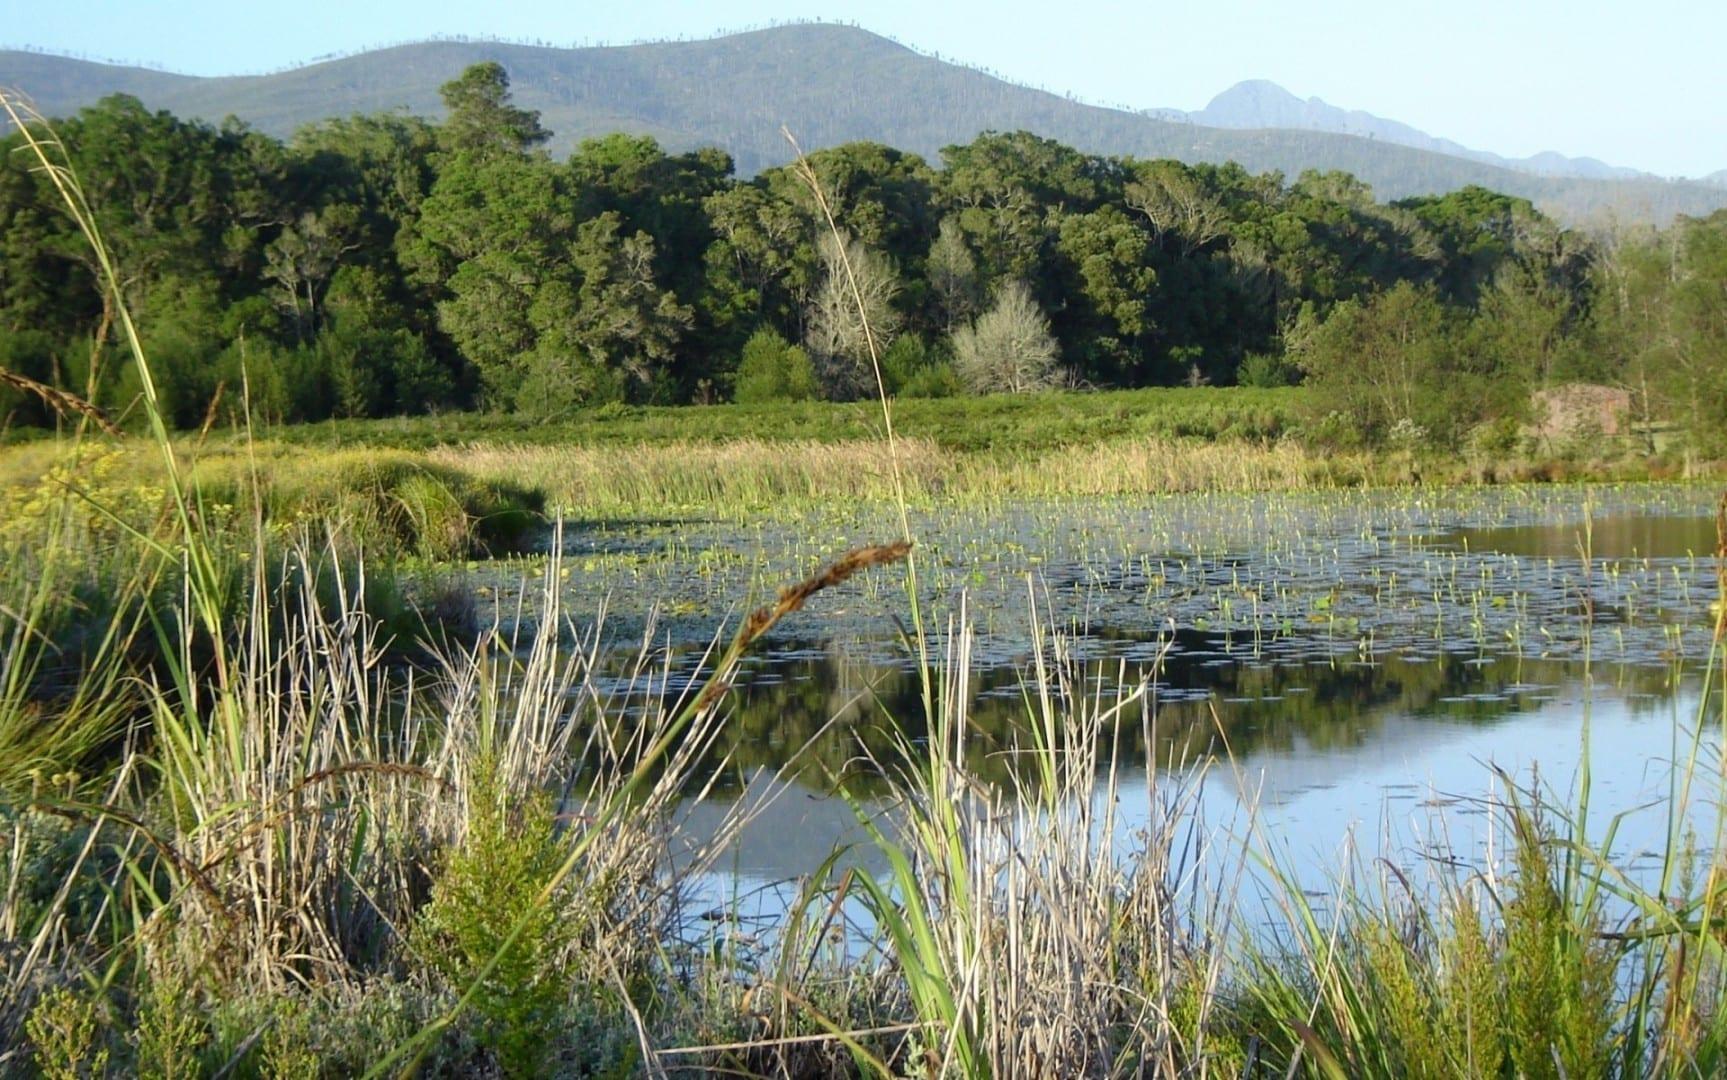 Al otro lado del lago Bass, los fynbos se detienen abruptamente en el borde del bosque. Parque Nacional Tsitsikamma República de Sudáfrica